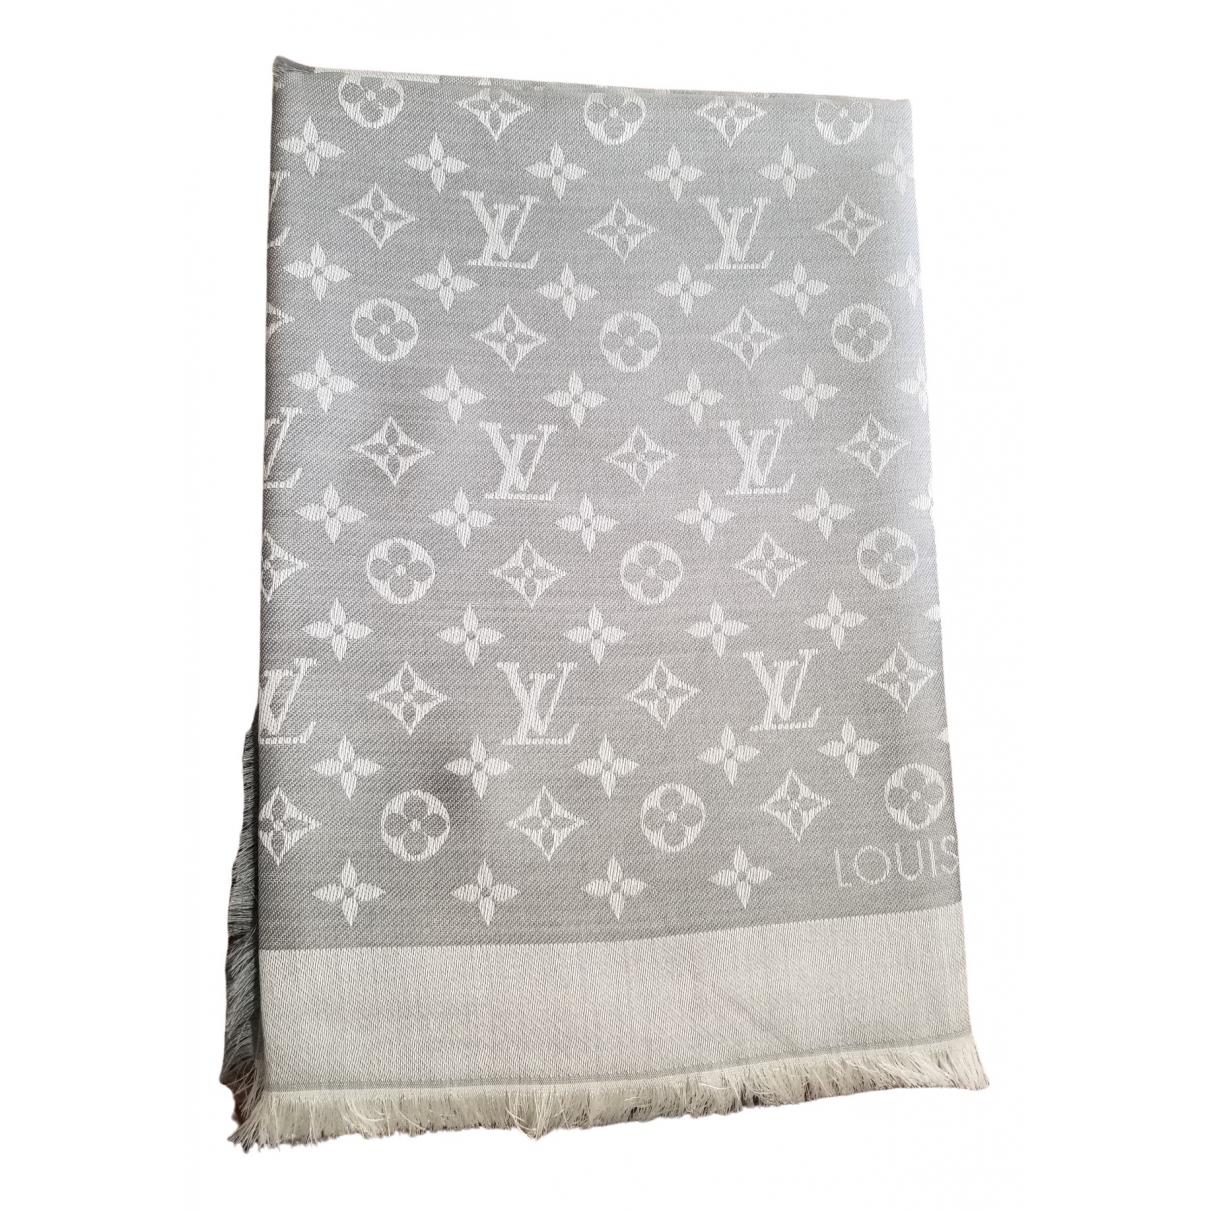 Estola Chale Monogram de Lana Louis Vuitton